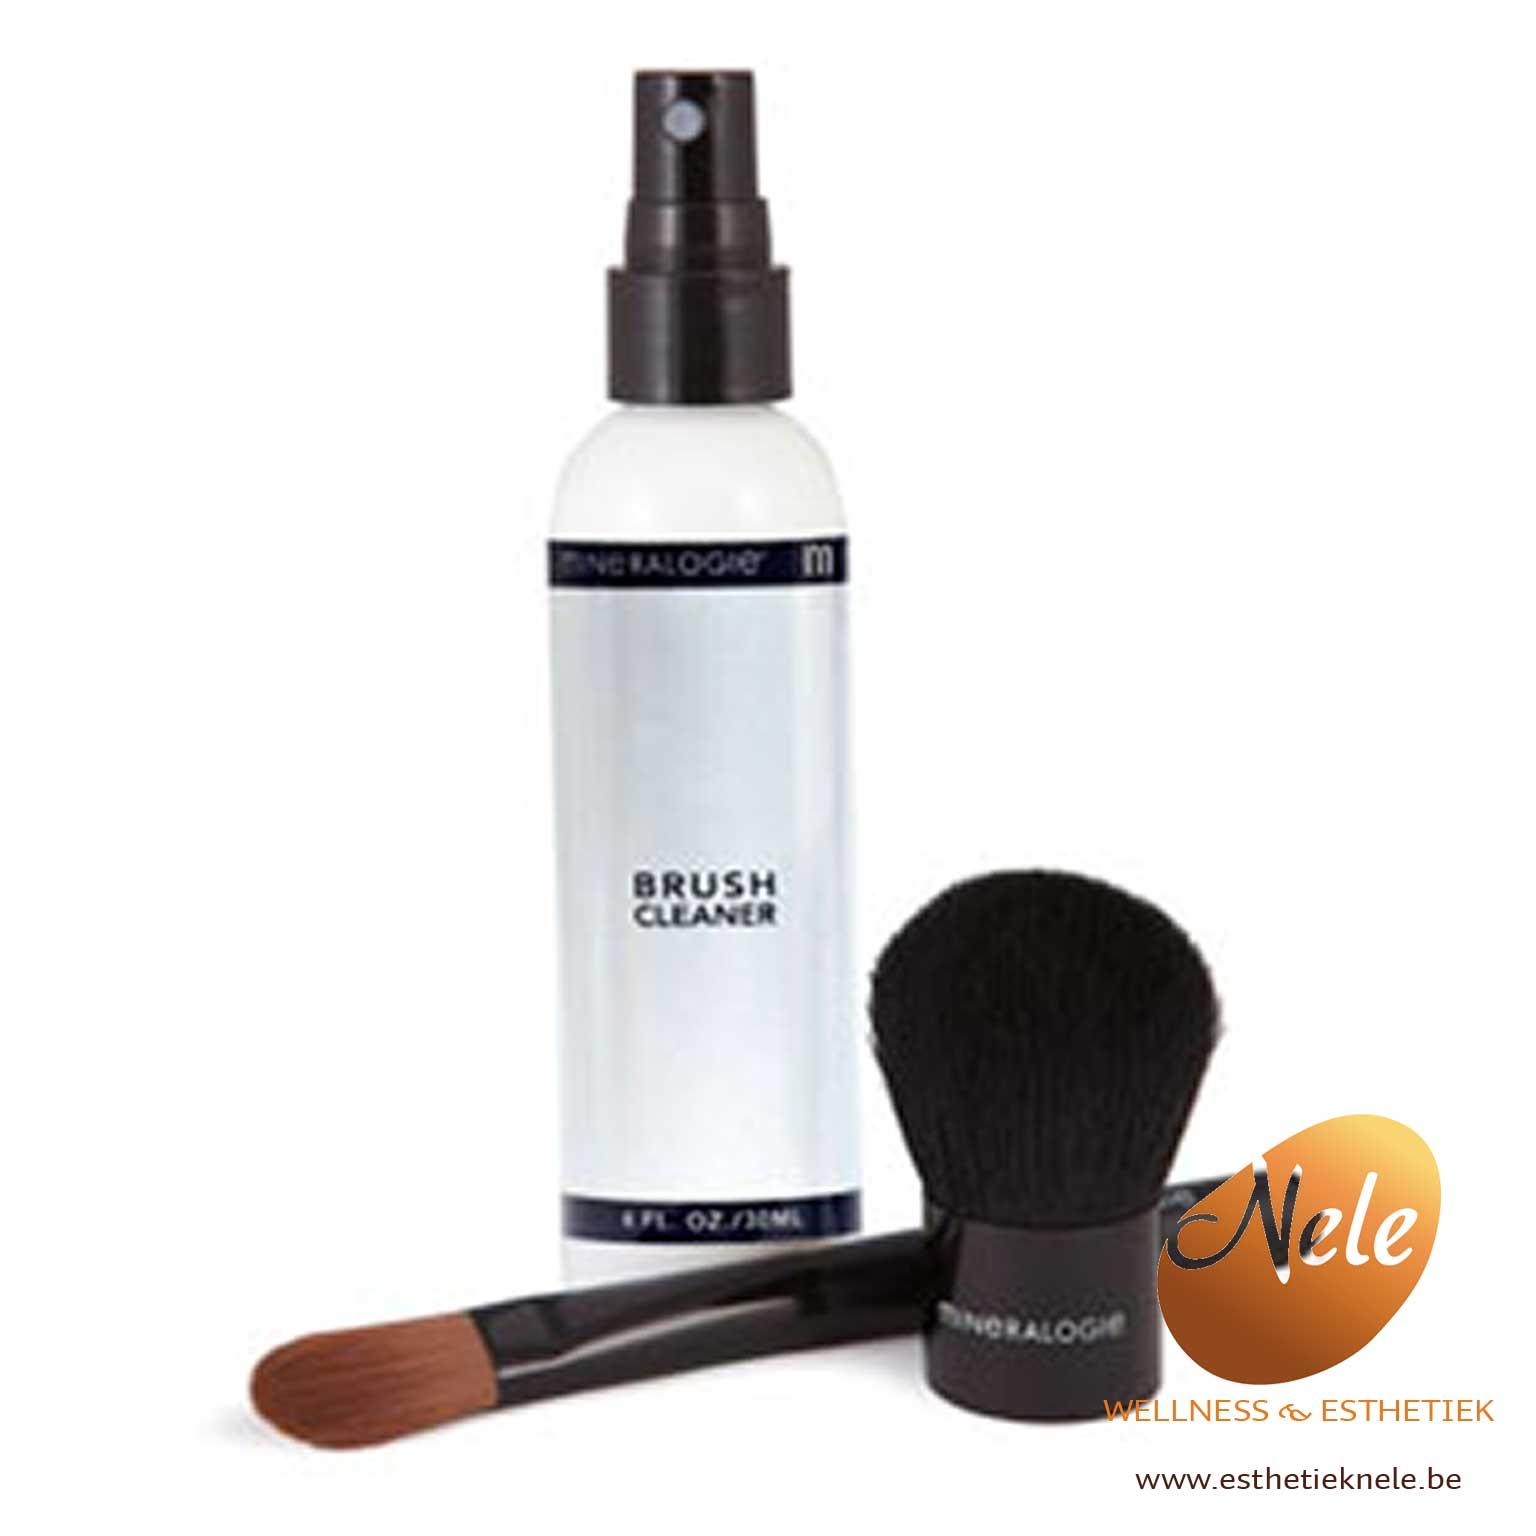 Mineralogie Minerale Make-up Brush Cleaner Wellness Esthetiek Nele